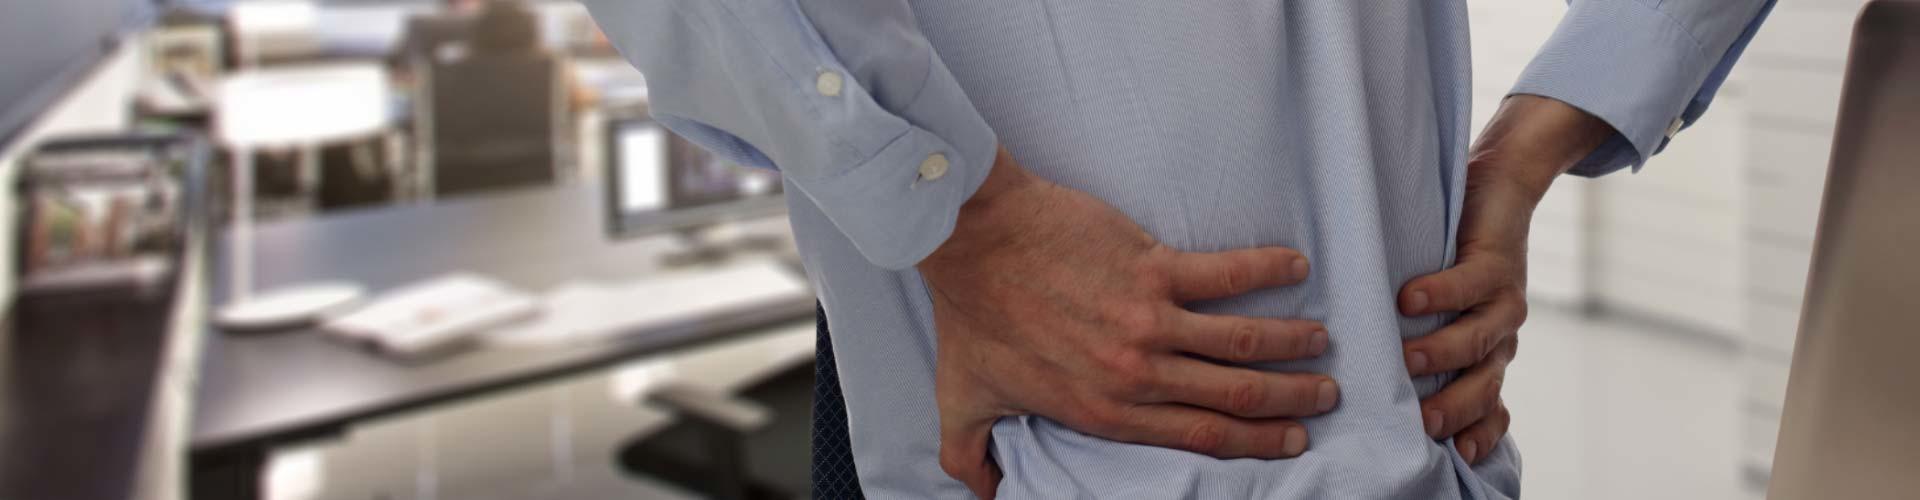 Ein Arbeitnehmer leidet unter Rückenschmerzen © Fotolia.com